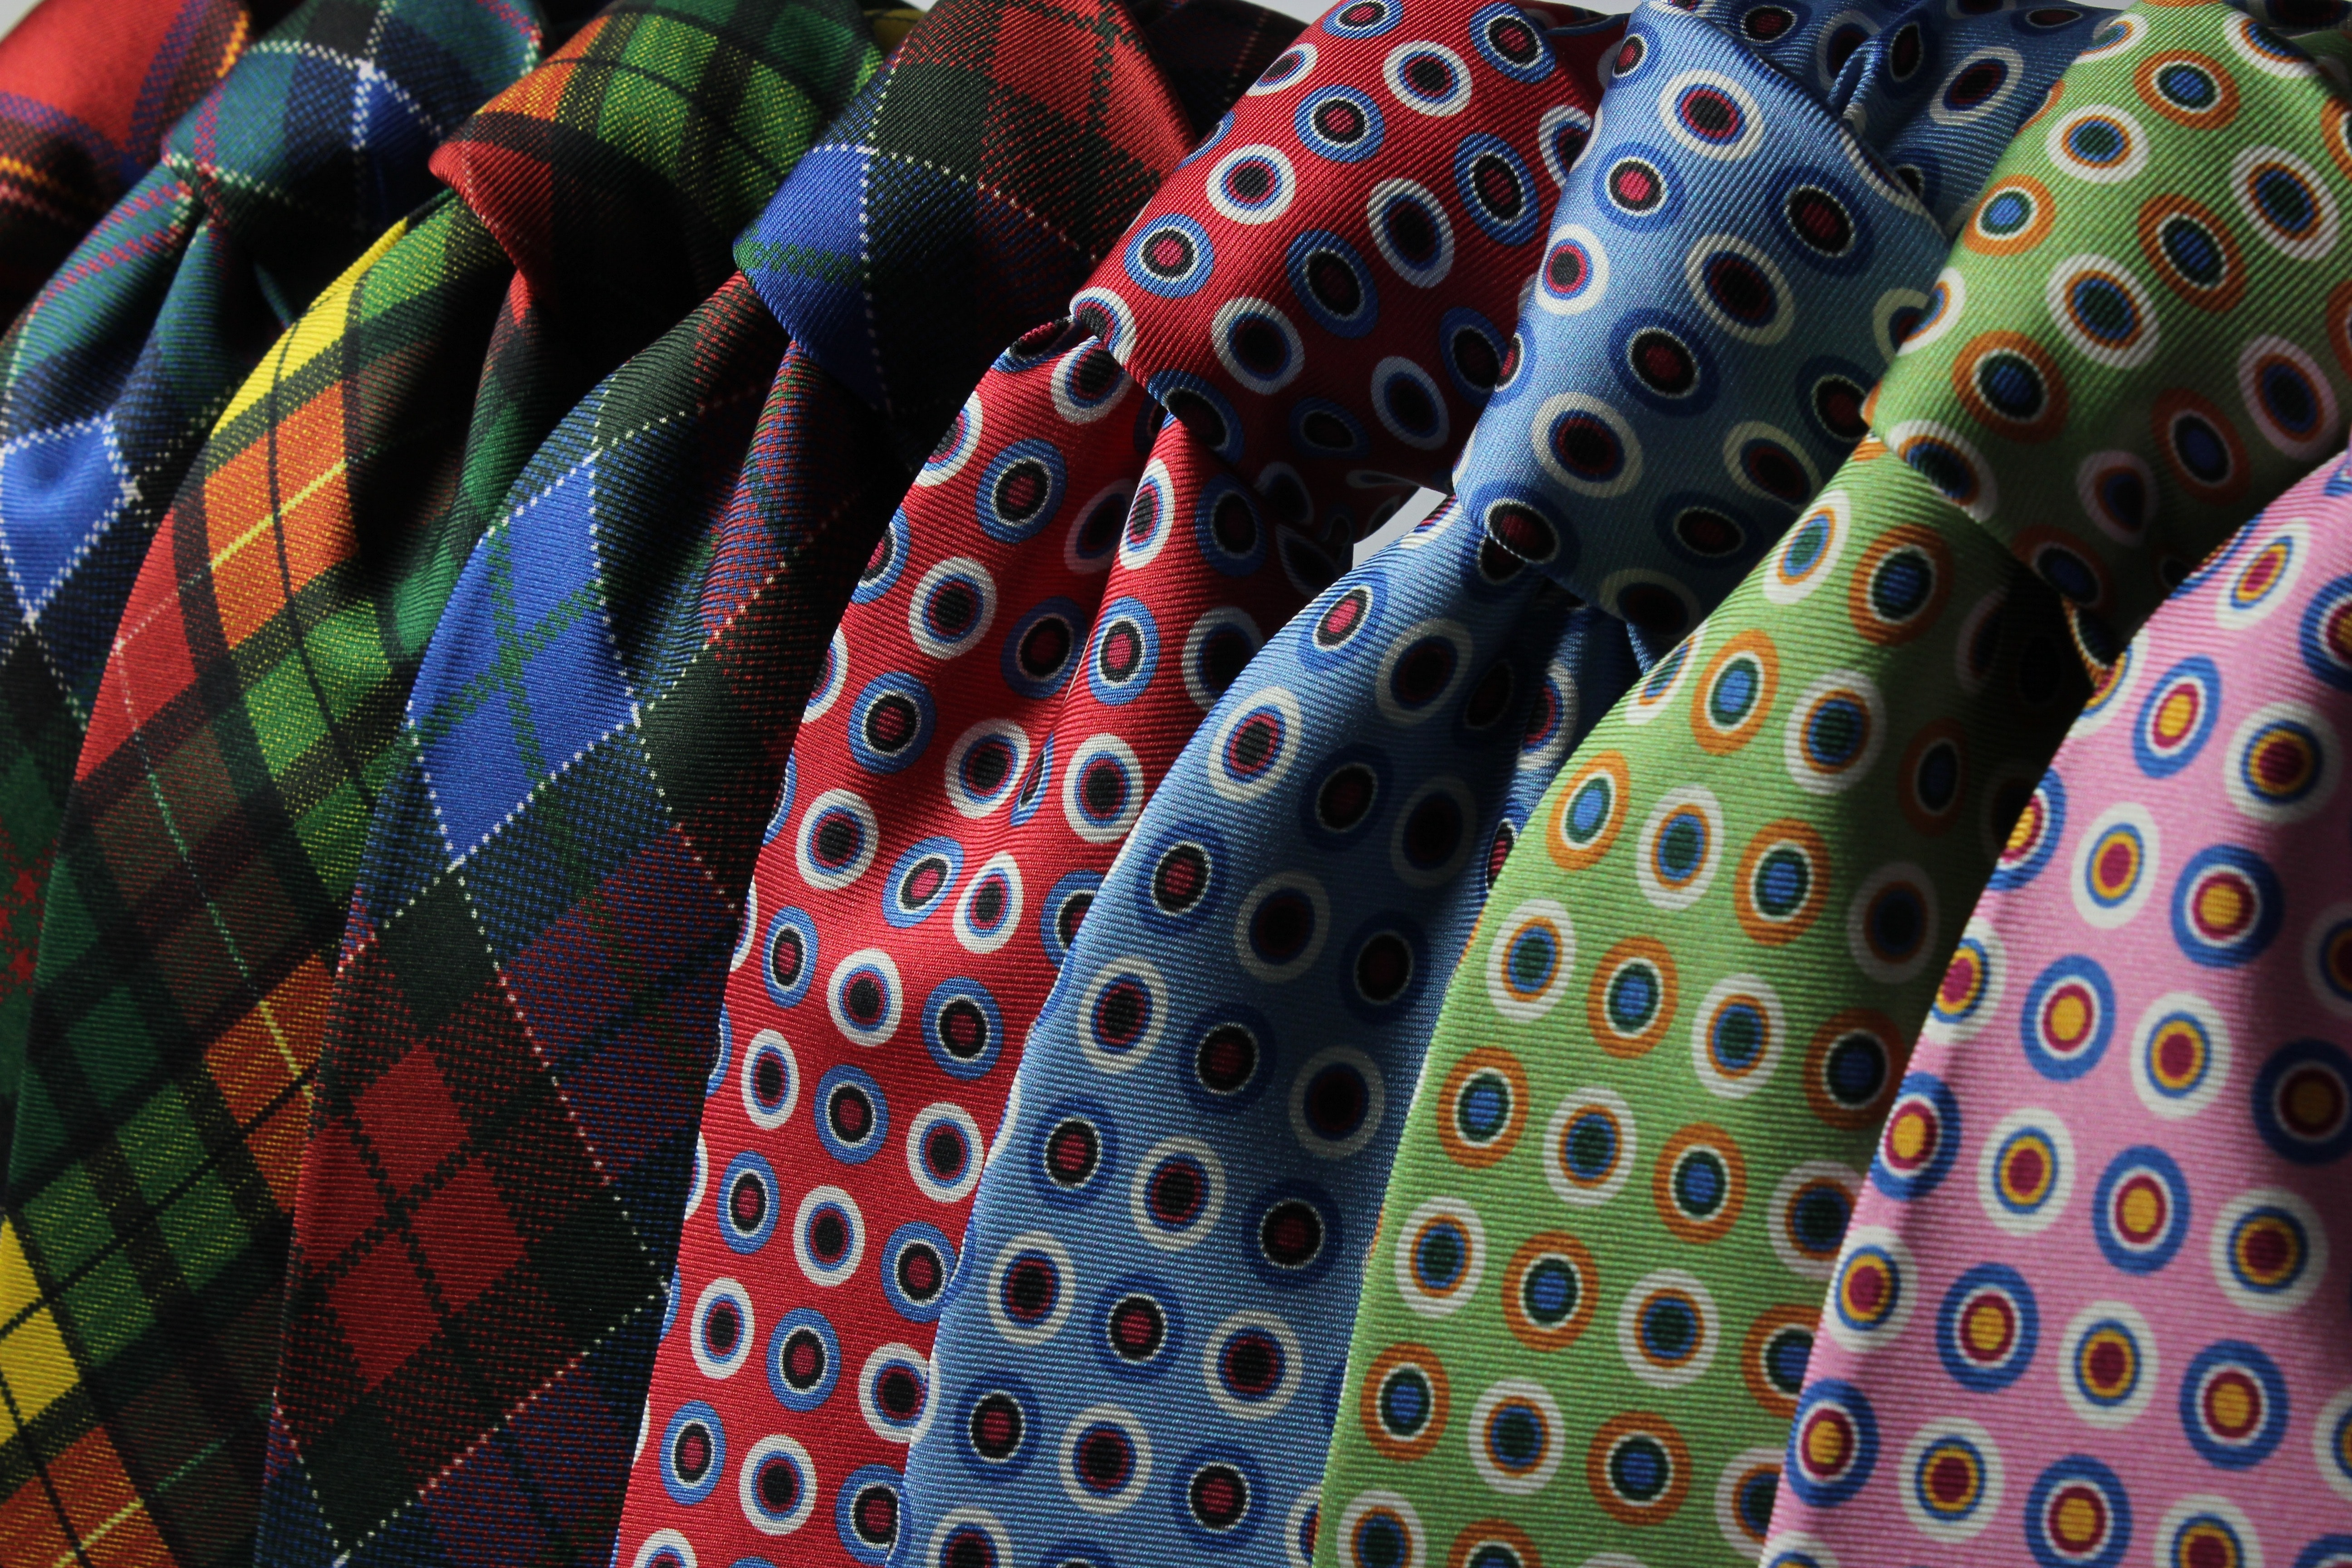 fashion-neckties-stripes-63580